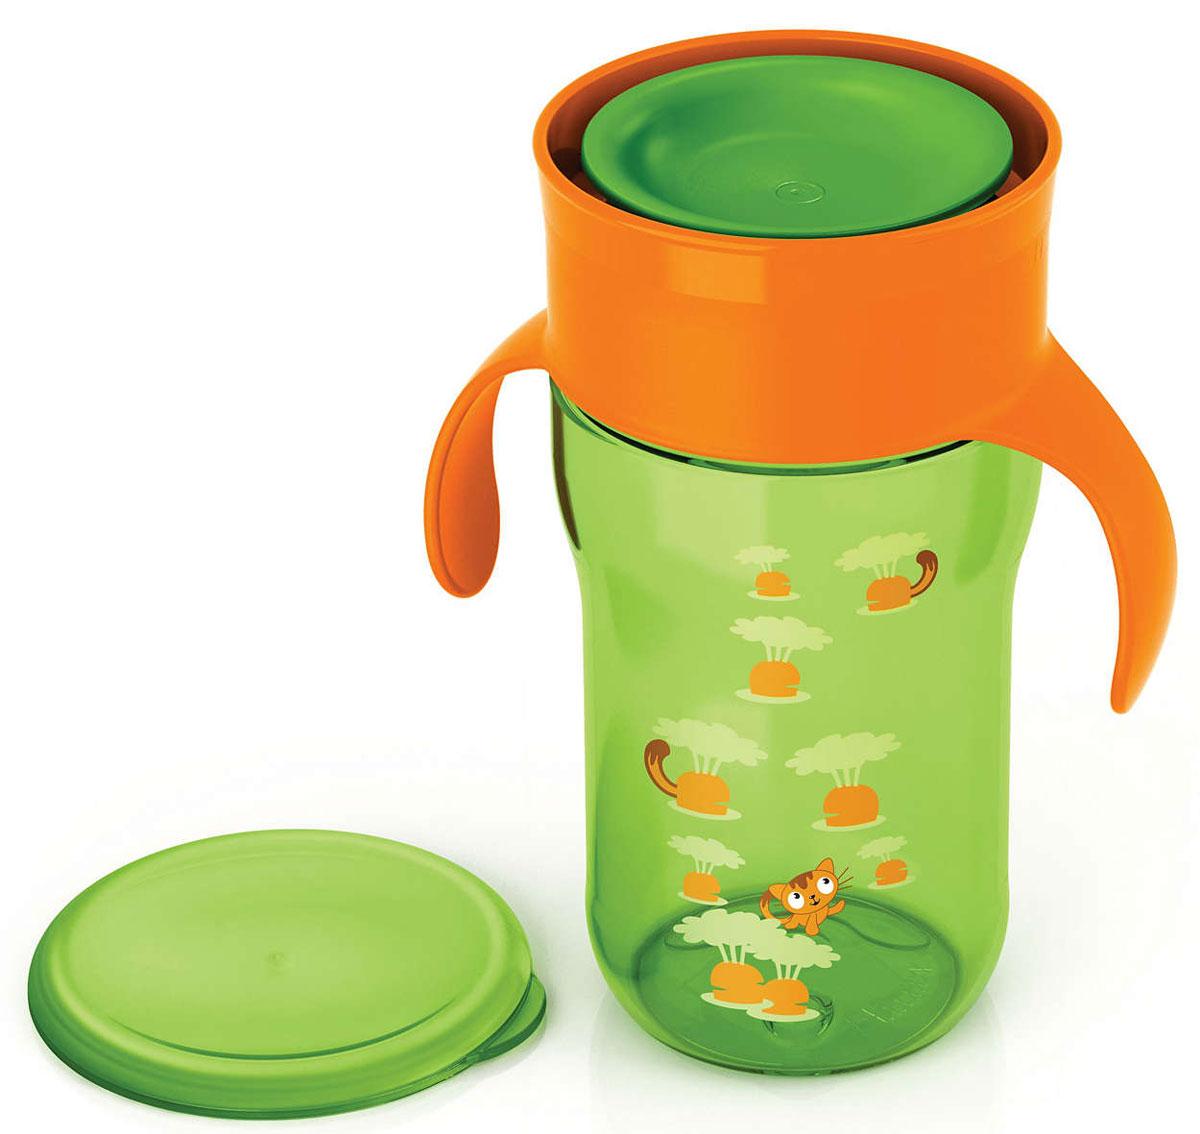 Philips Avent  Взрослая  чашка, 340 мл, 18м+, 1 шт зеленый оранжевый SCF784/00 -  Поильники